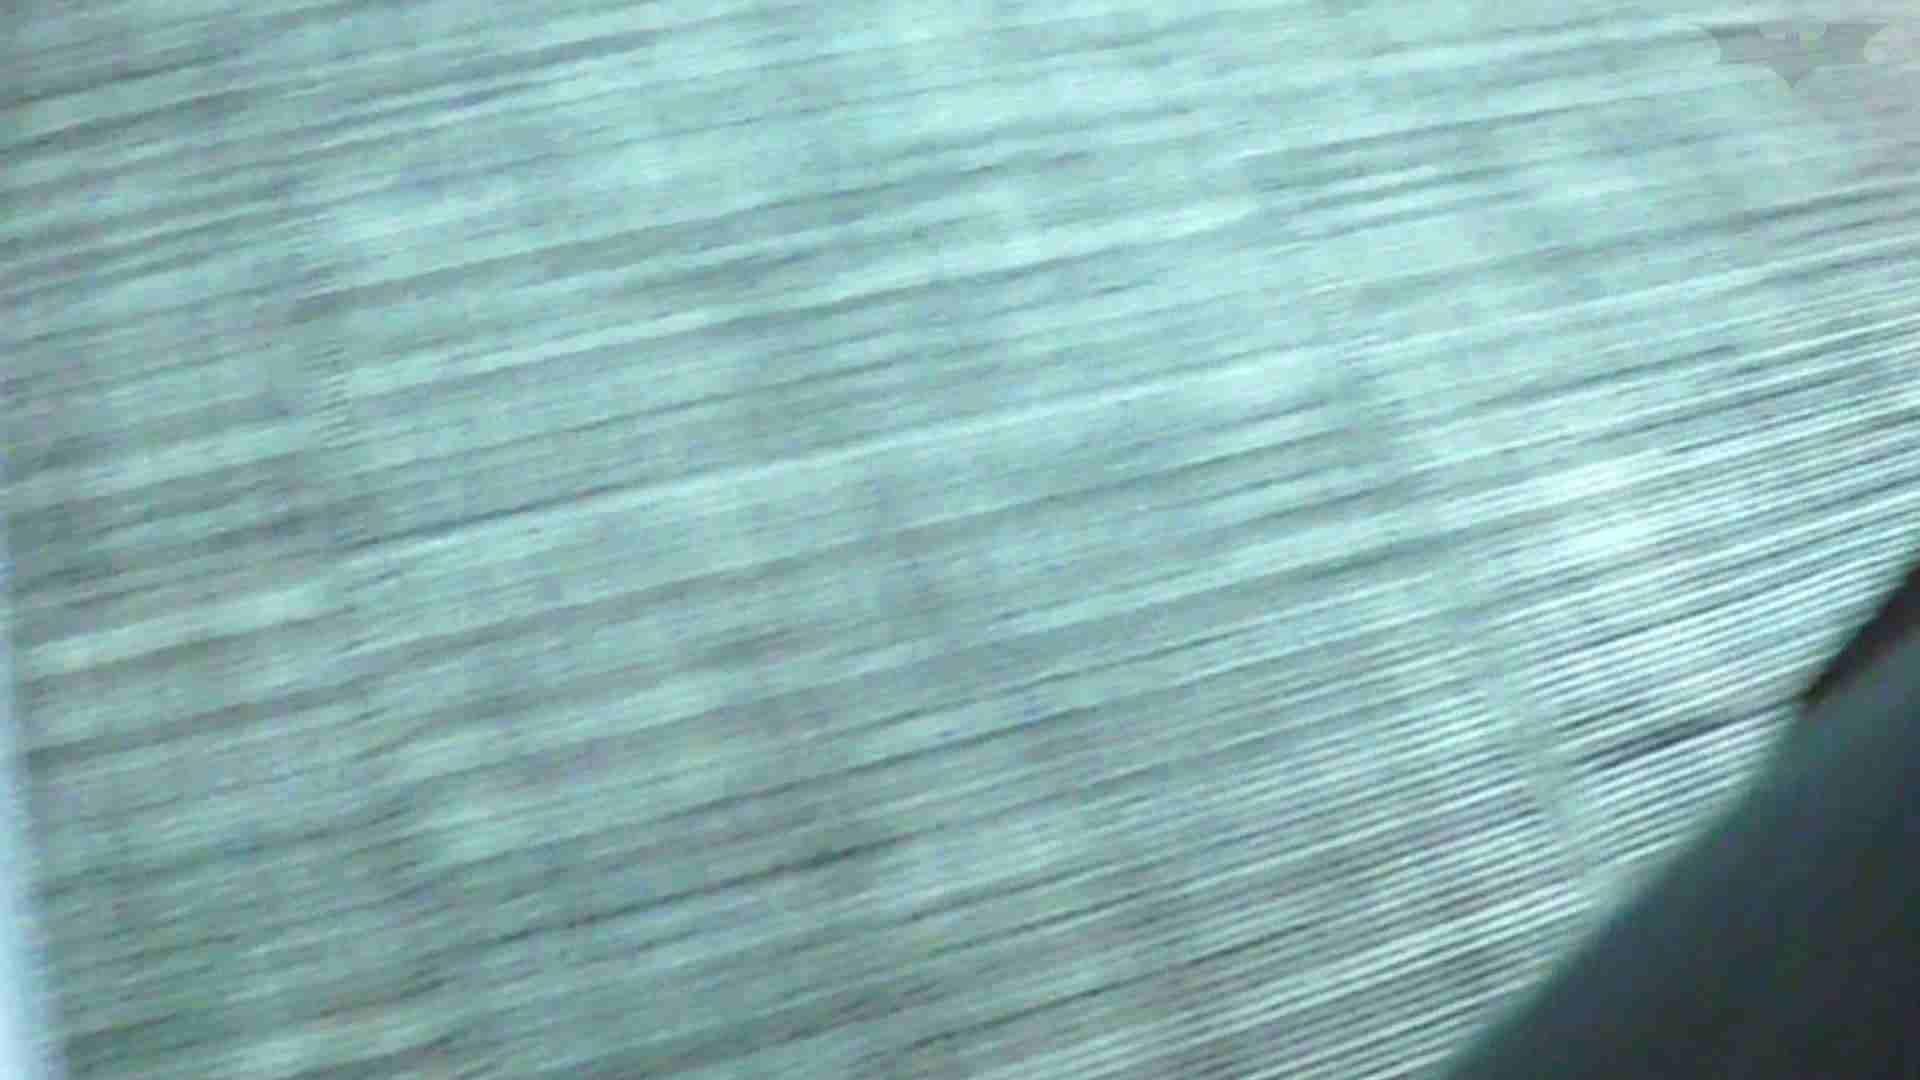 悪戯ネットカフェ Vol.04 タンポンチェンジ!!見っちゃいました。 潜入 | 盗撮  22pic 6